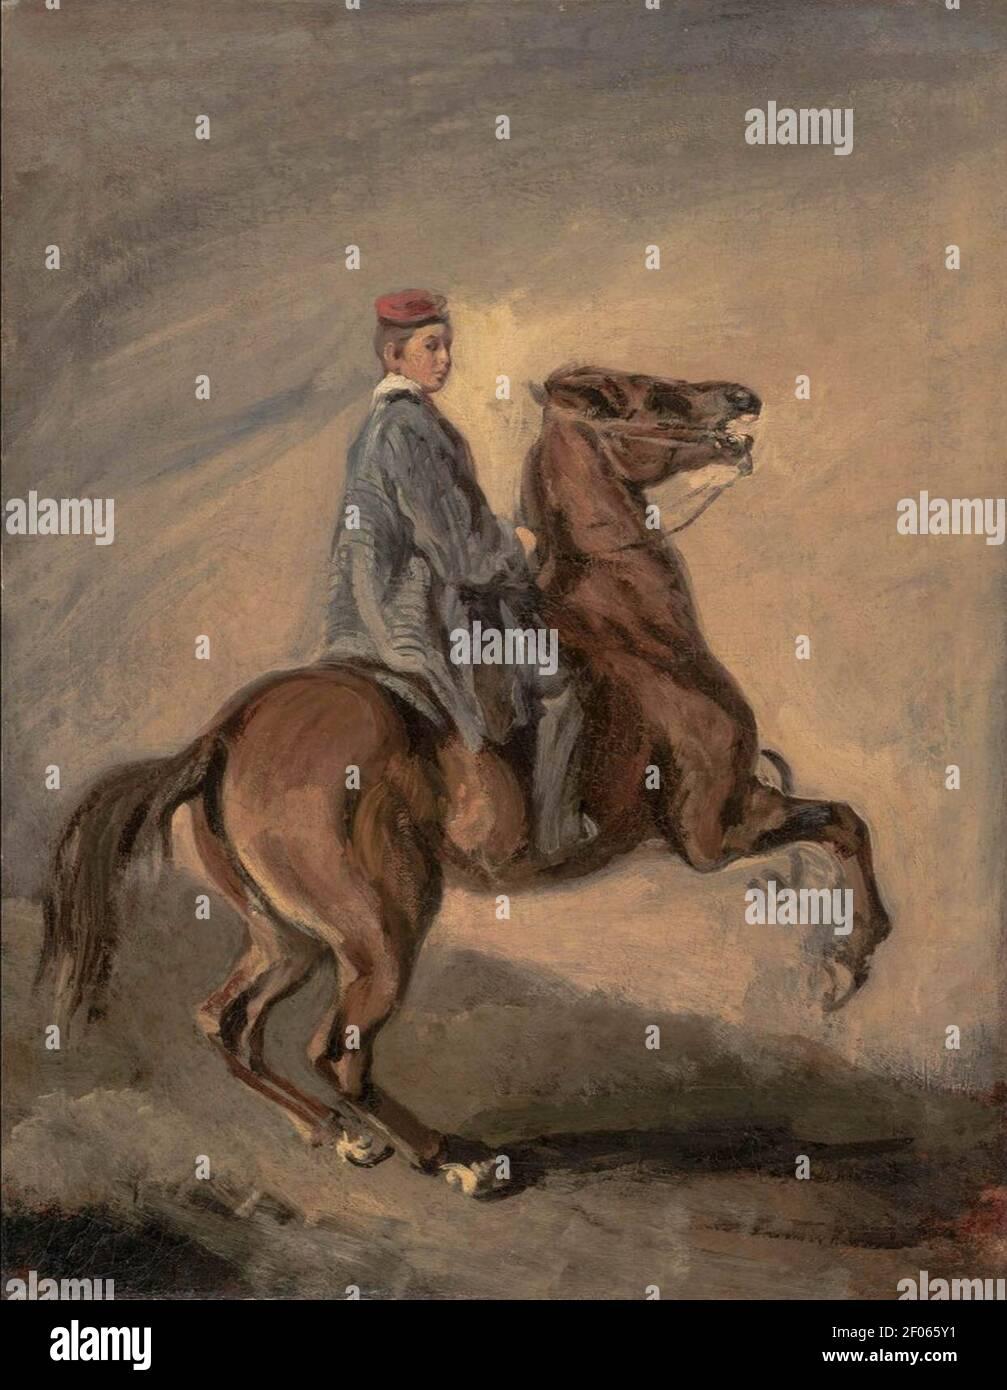 Piotr Michałowski Błękitny chłopiec 1853-1855 Muzeum Śląskie Katowice Polonia. Foto Stock